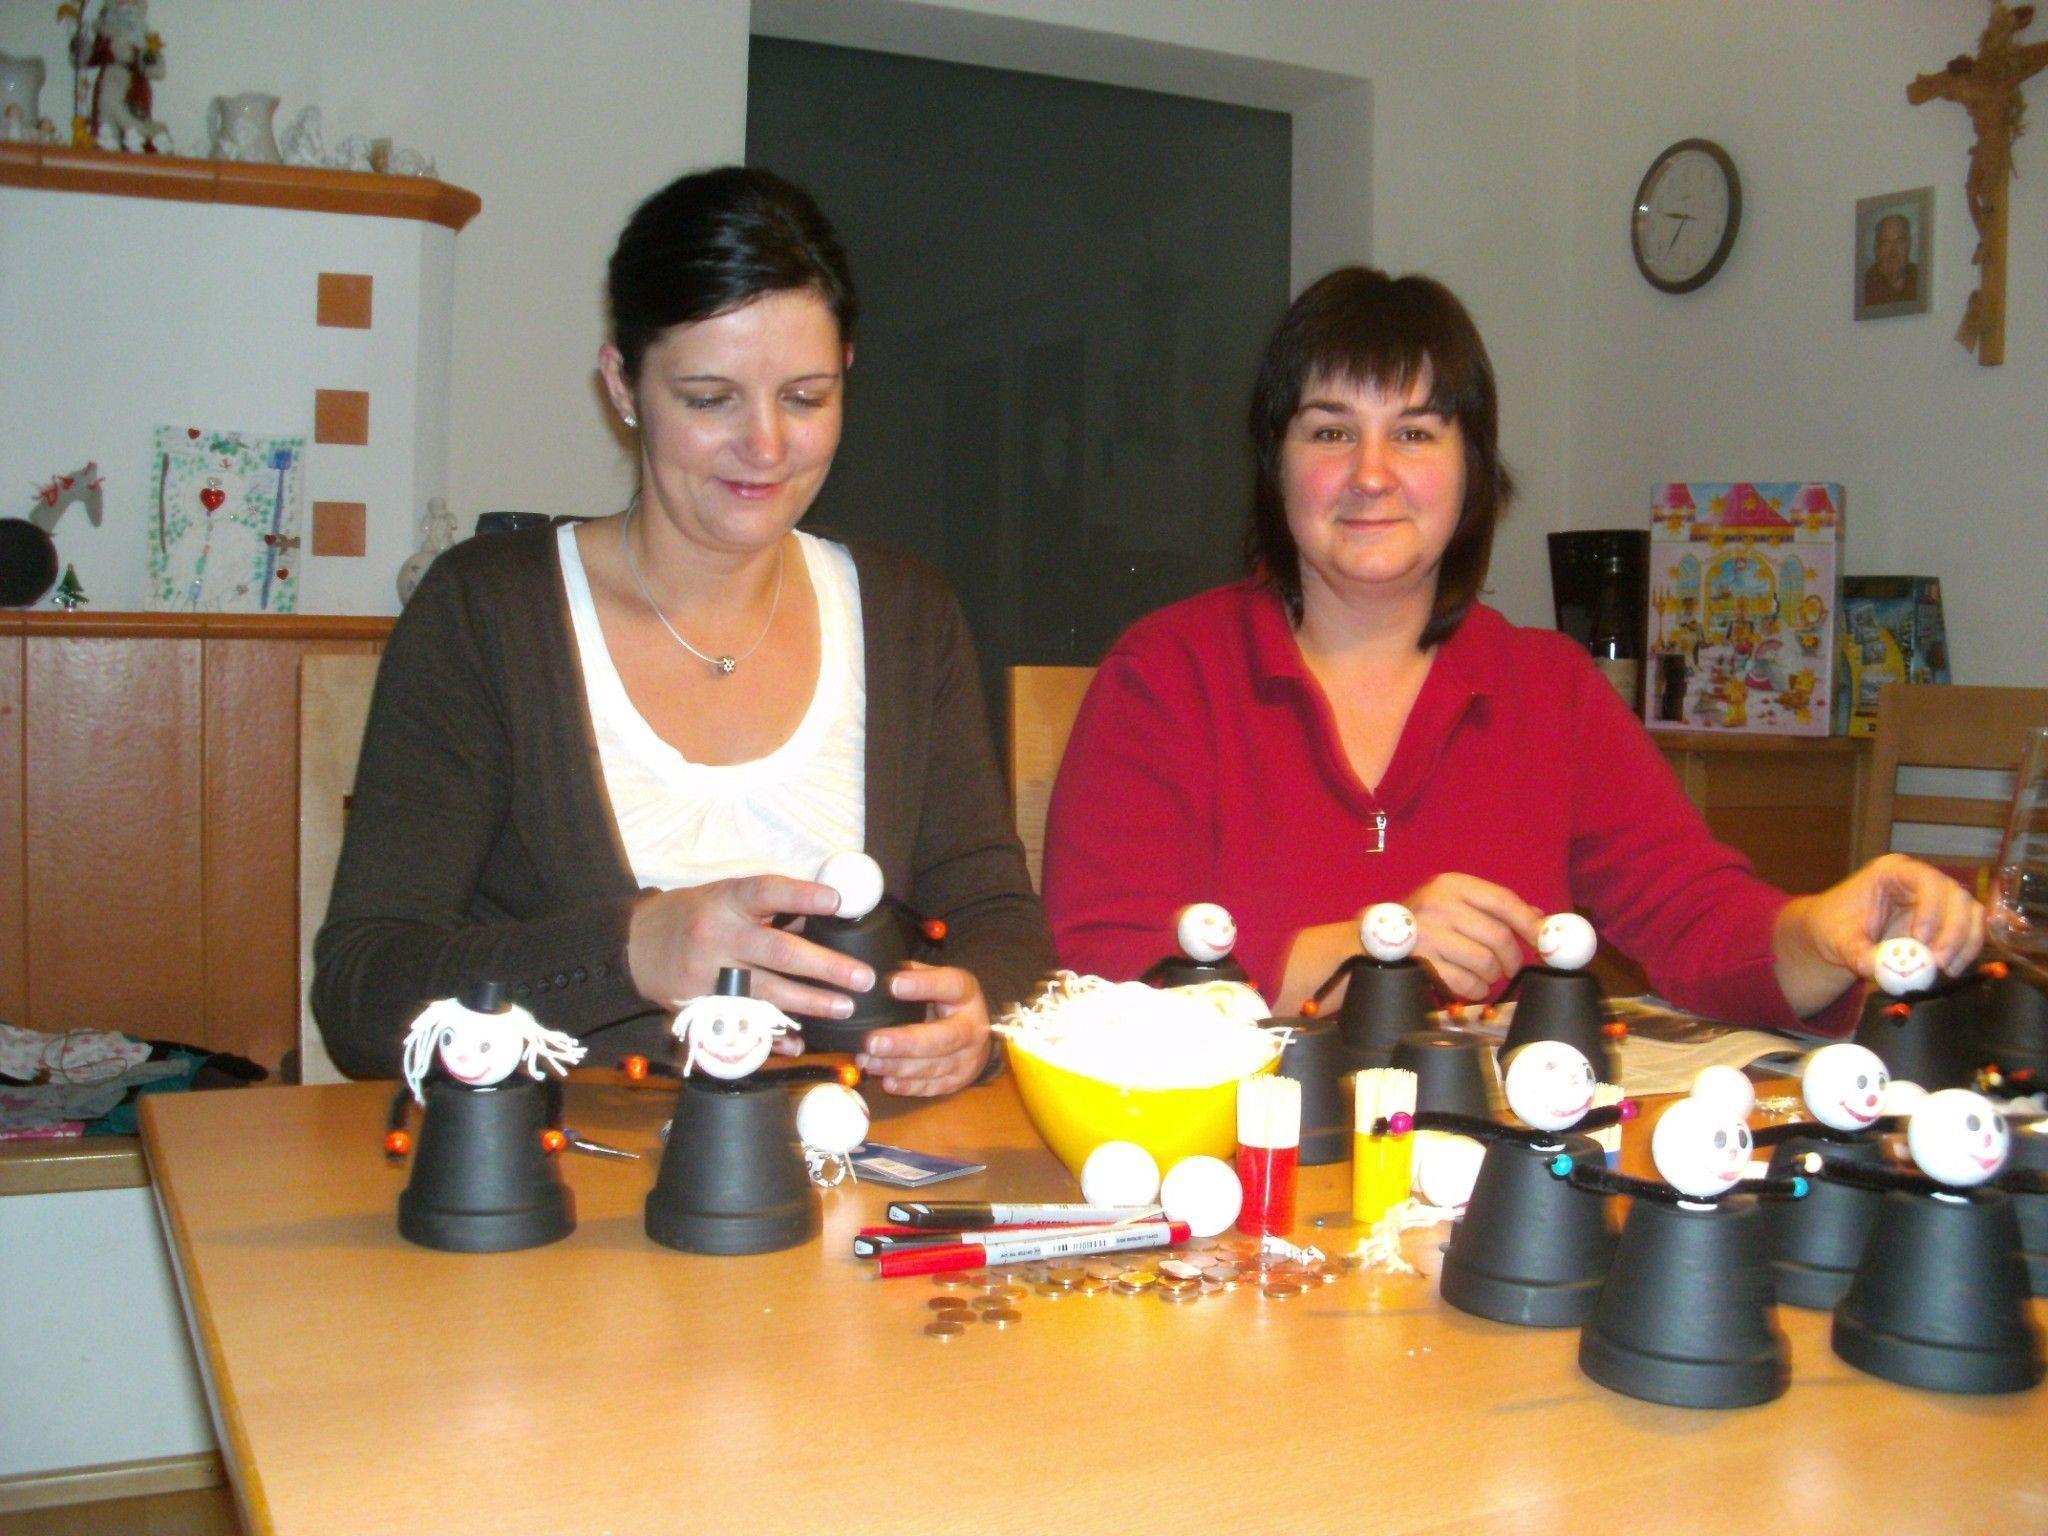 Elke Sonderegger und Tanja Schroller beim Basteln.